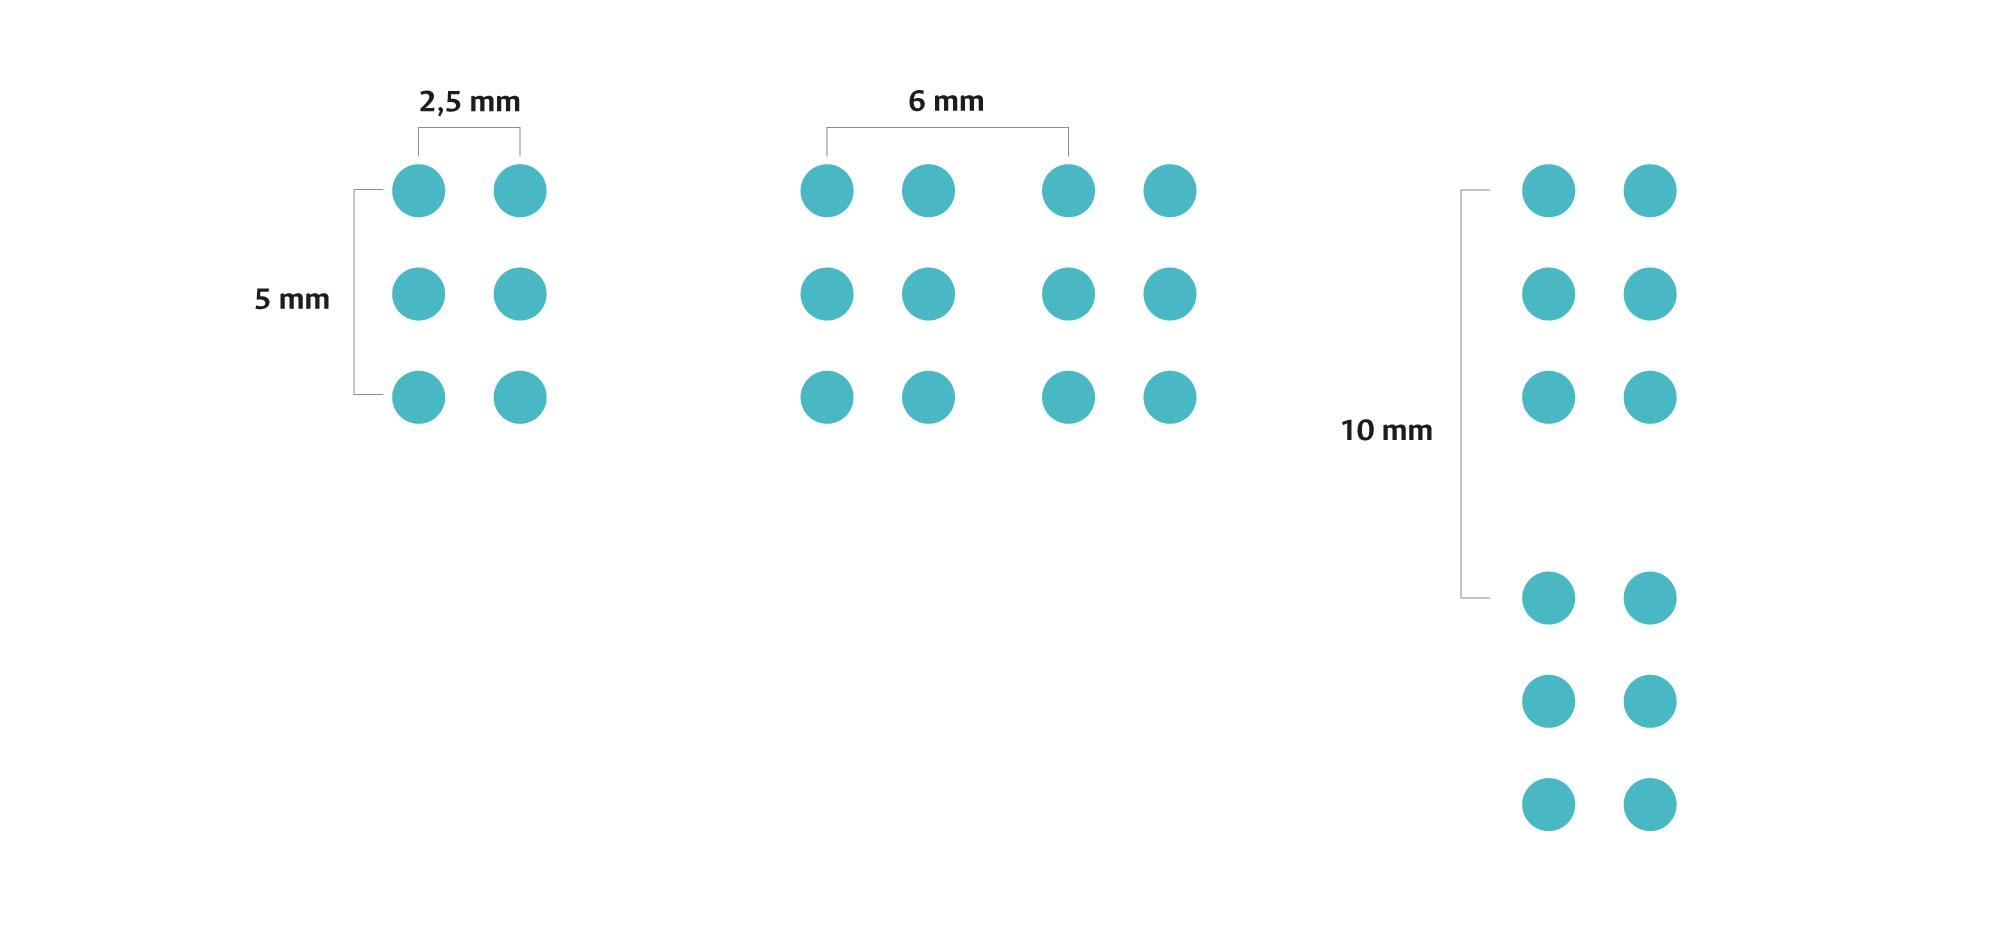 Tamaños de lectura del sistema braille